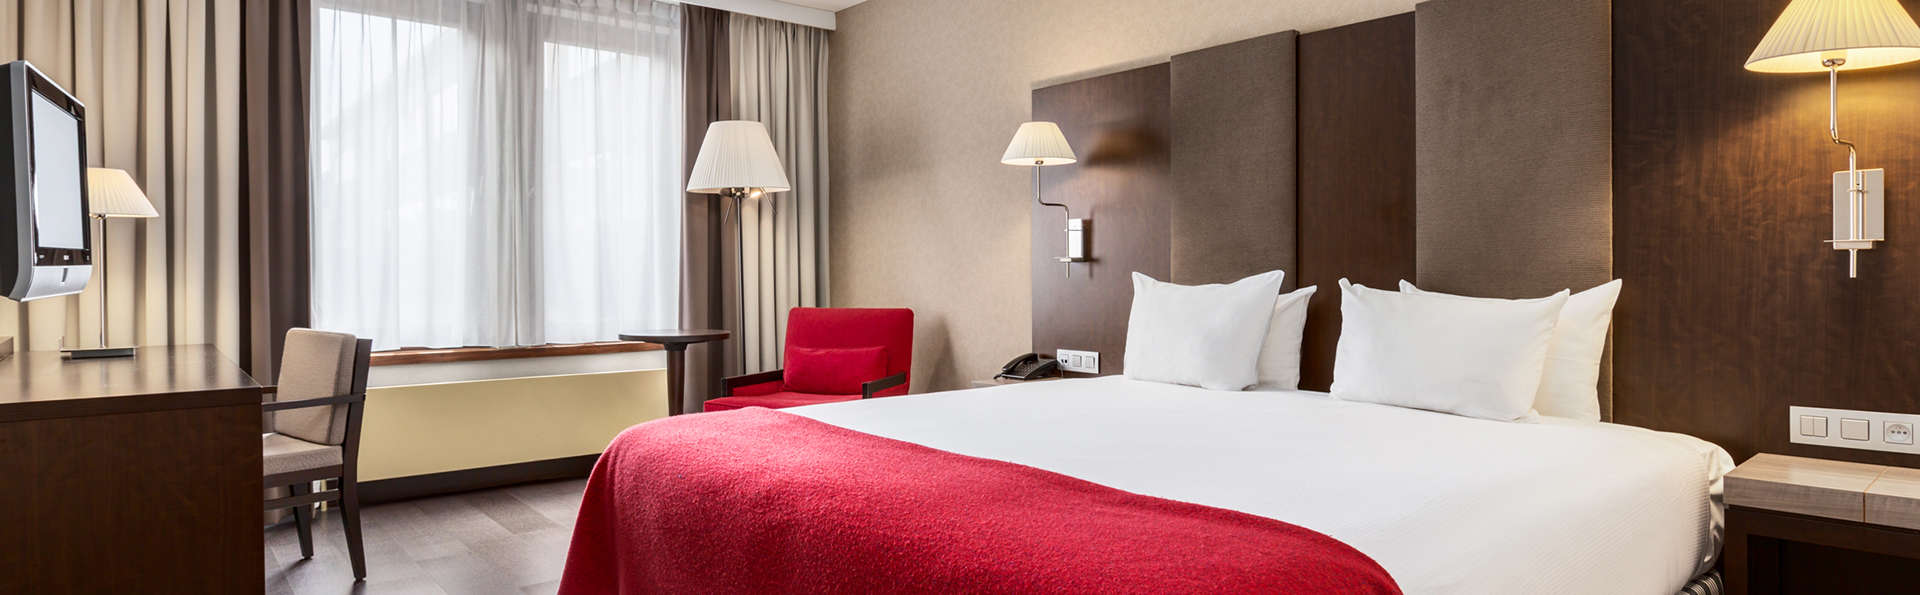 Hotel NH Mechelen - EDIT_NH_Mechelen_Superior_Double.jpg